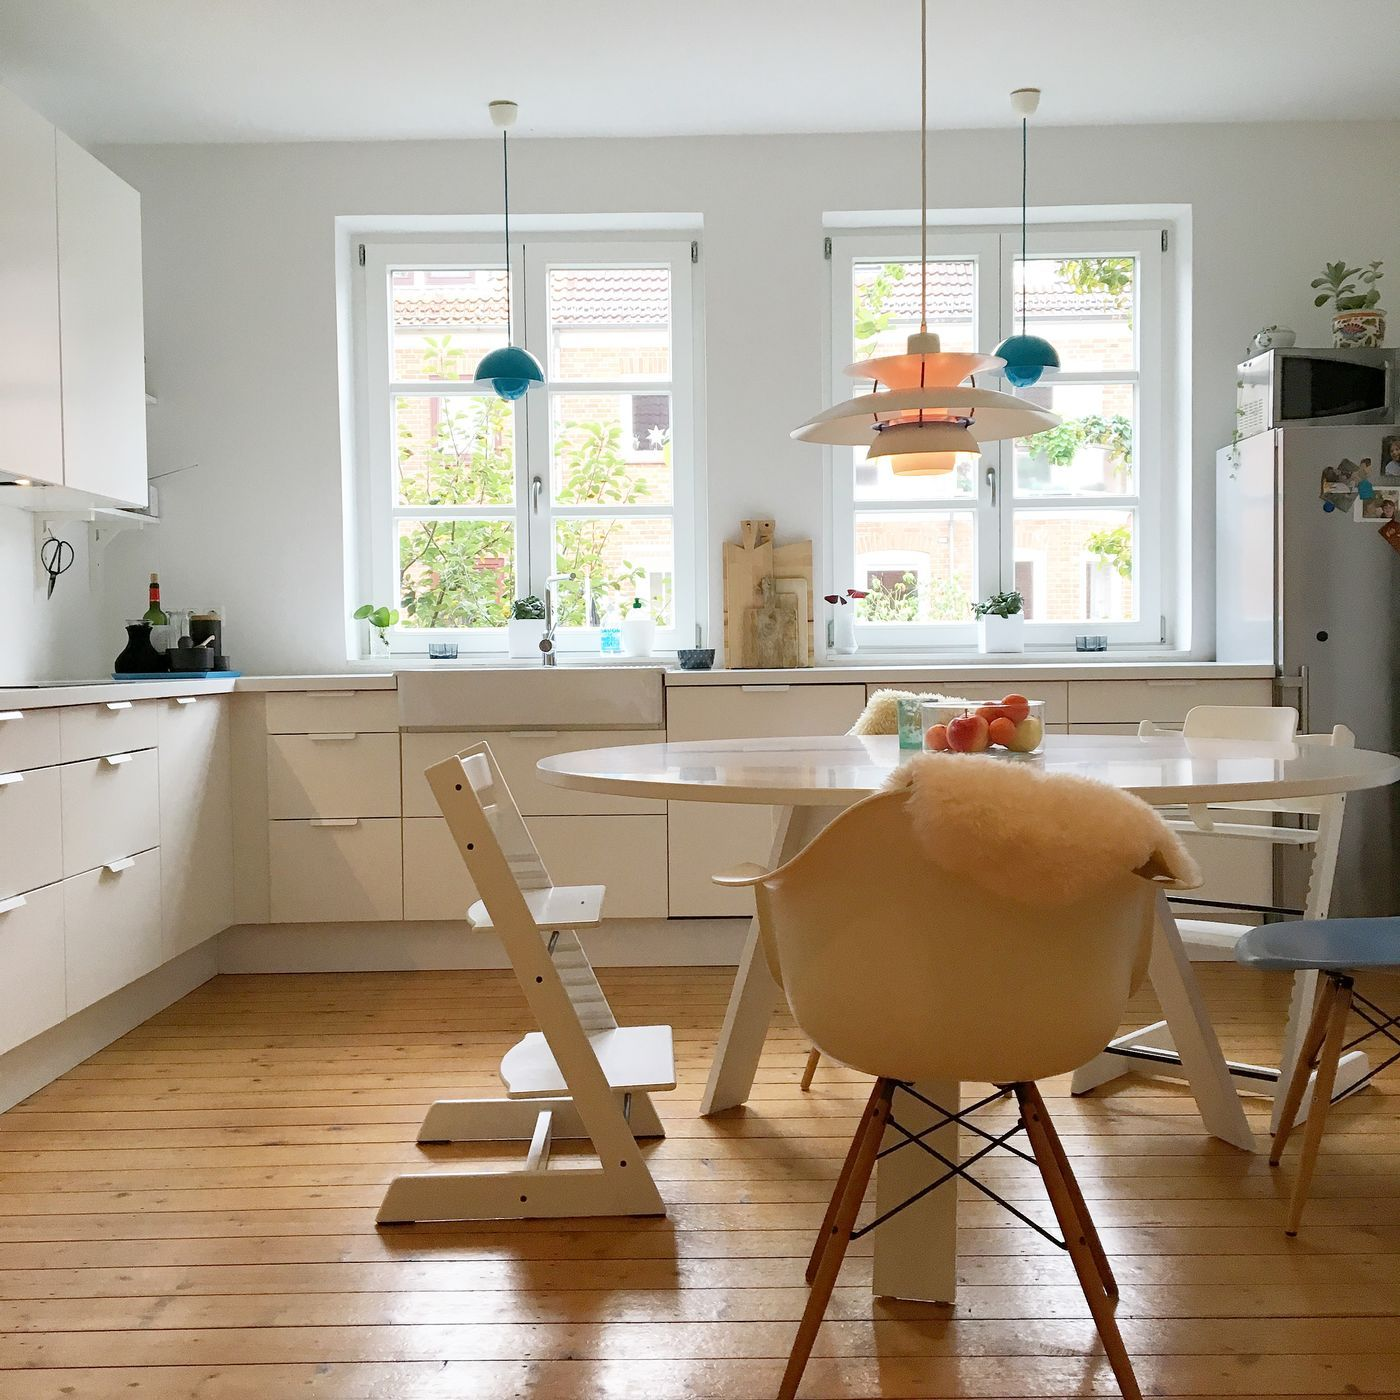 die sch nsten k chen ideen seite 30. Black Bedroom Furniture Sets. Home Design Ideas